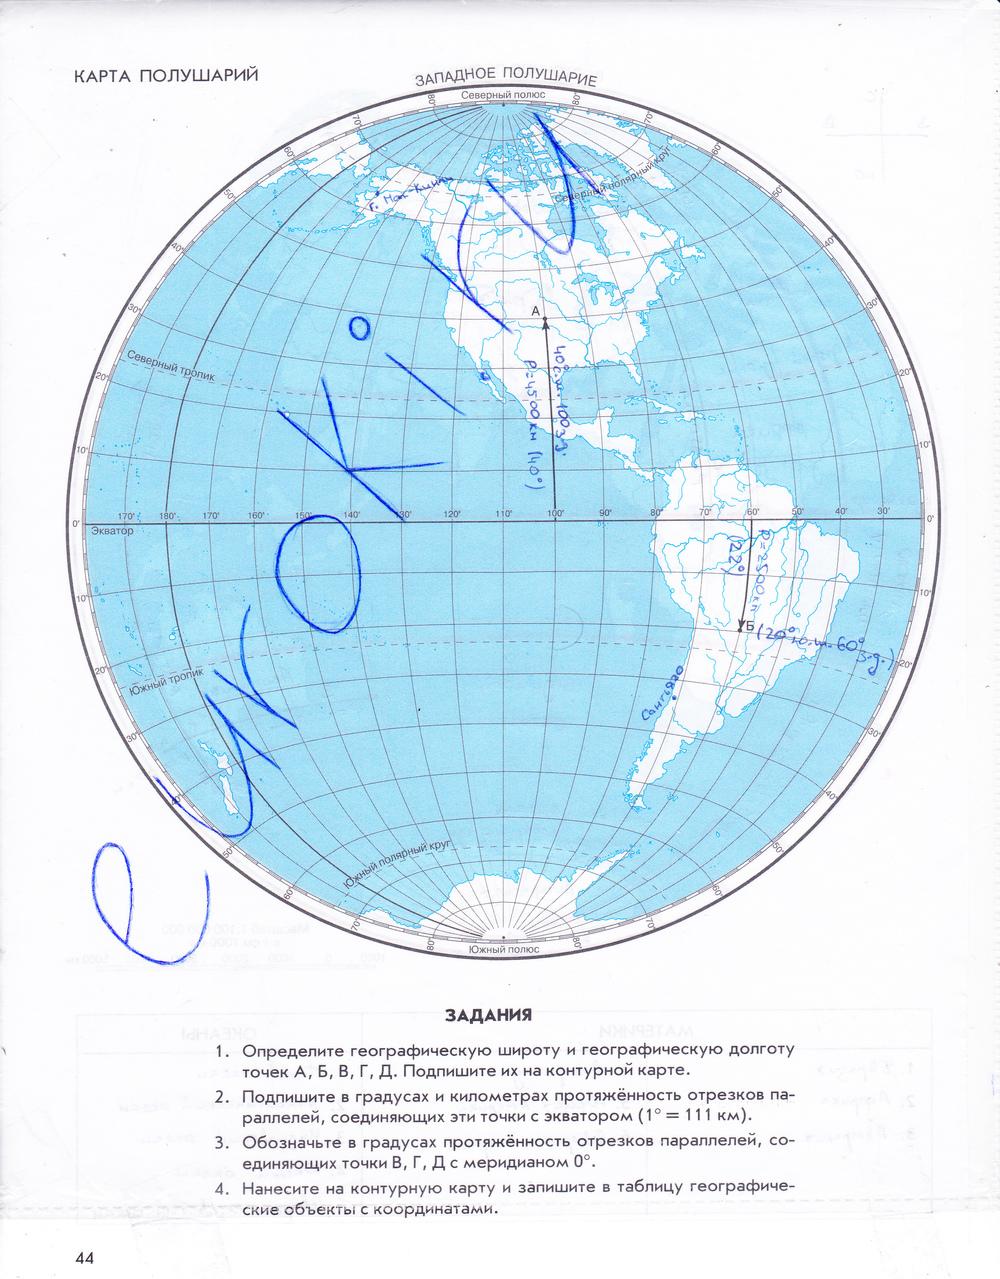 Курс контурные атлас по гдз начальный географии класс карты 6